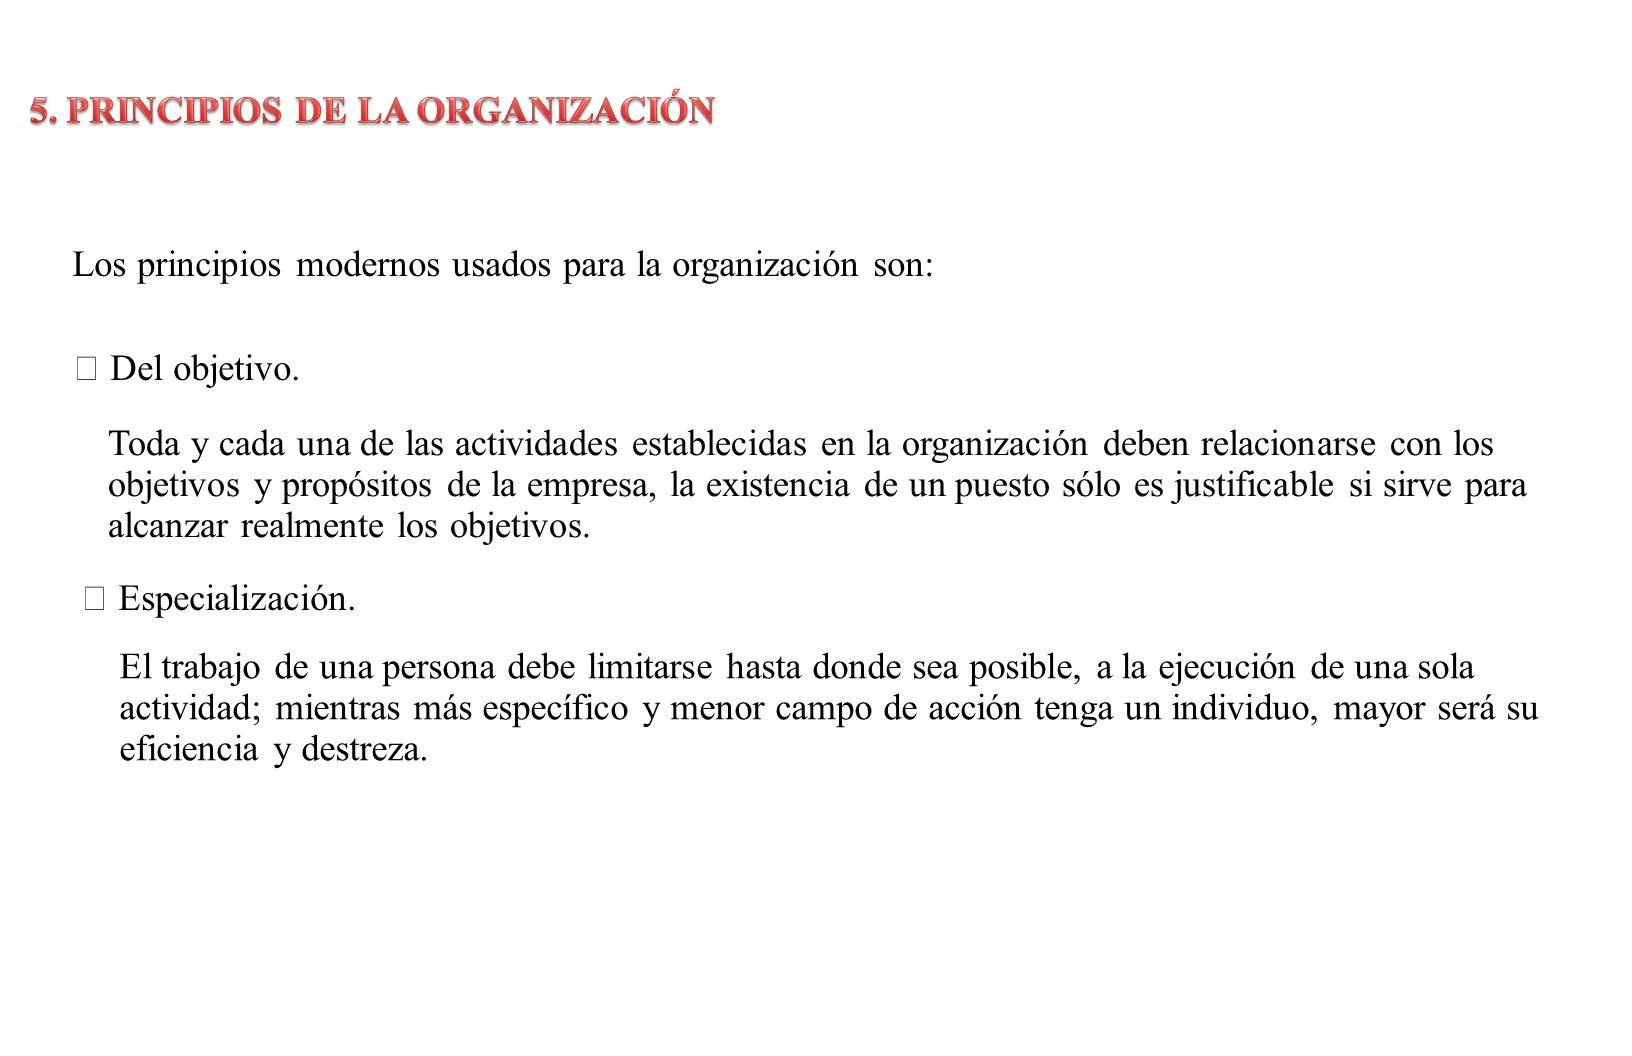 5. PRINCIPIOS DE LA ORGANIZACIÓN